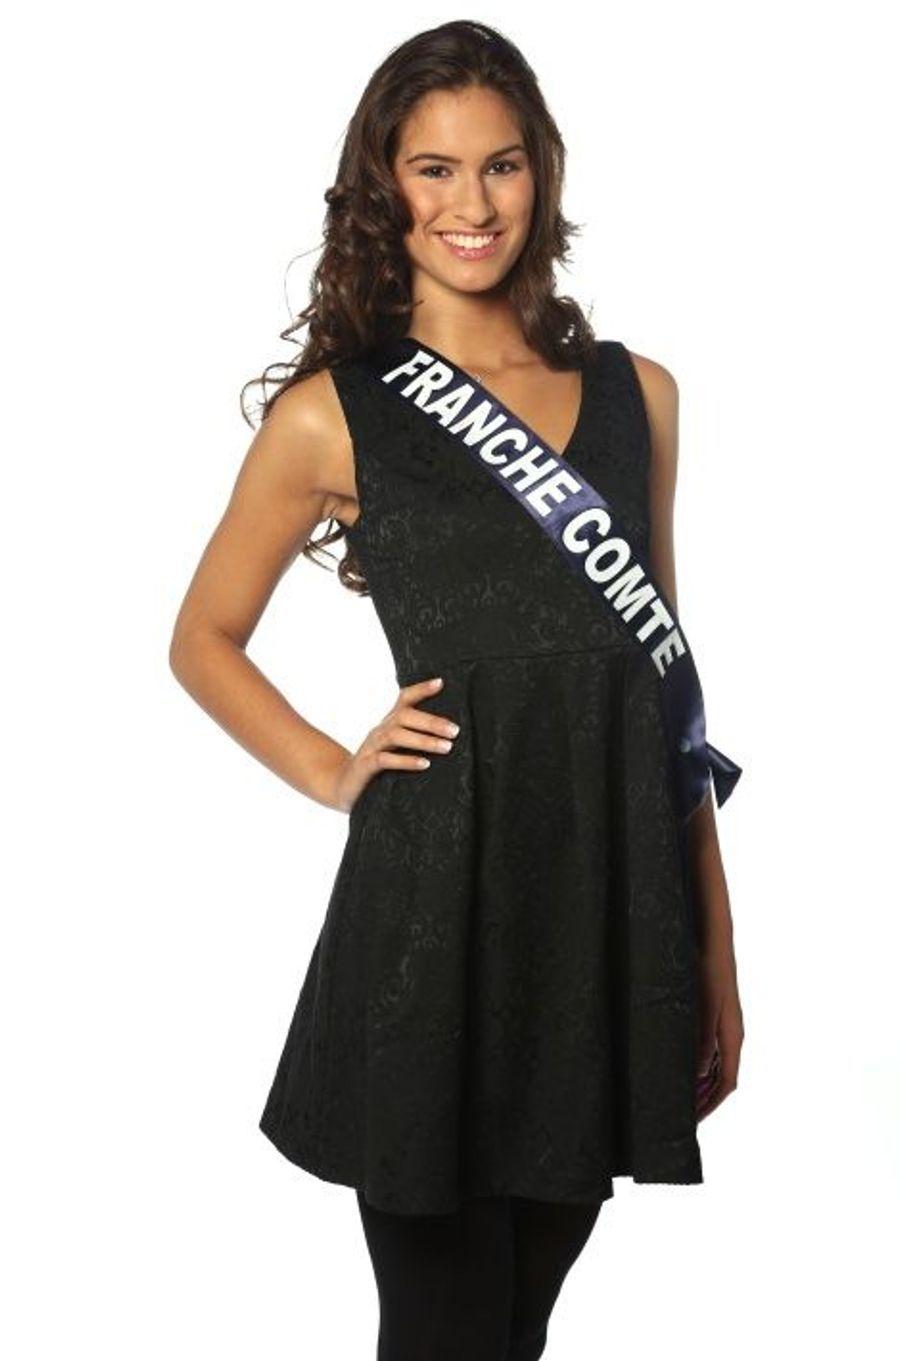 Camille Duban, 19 ans, Miss Franche Comté